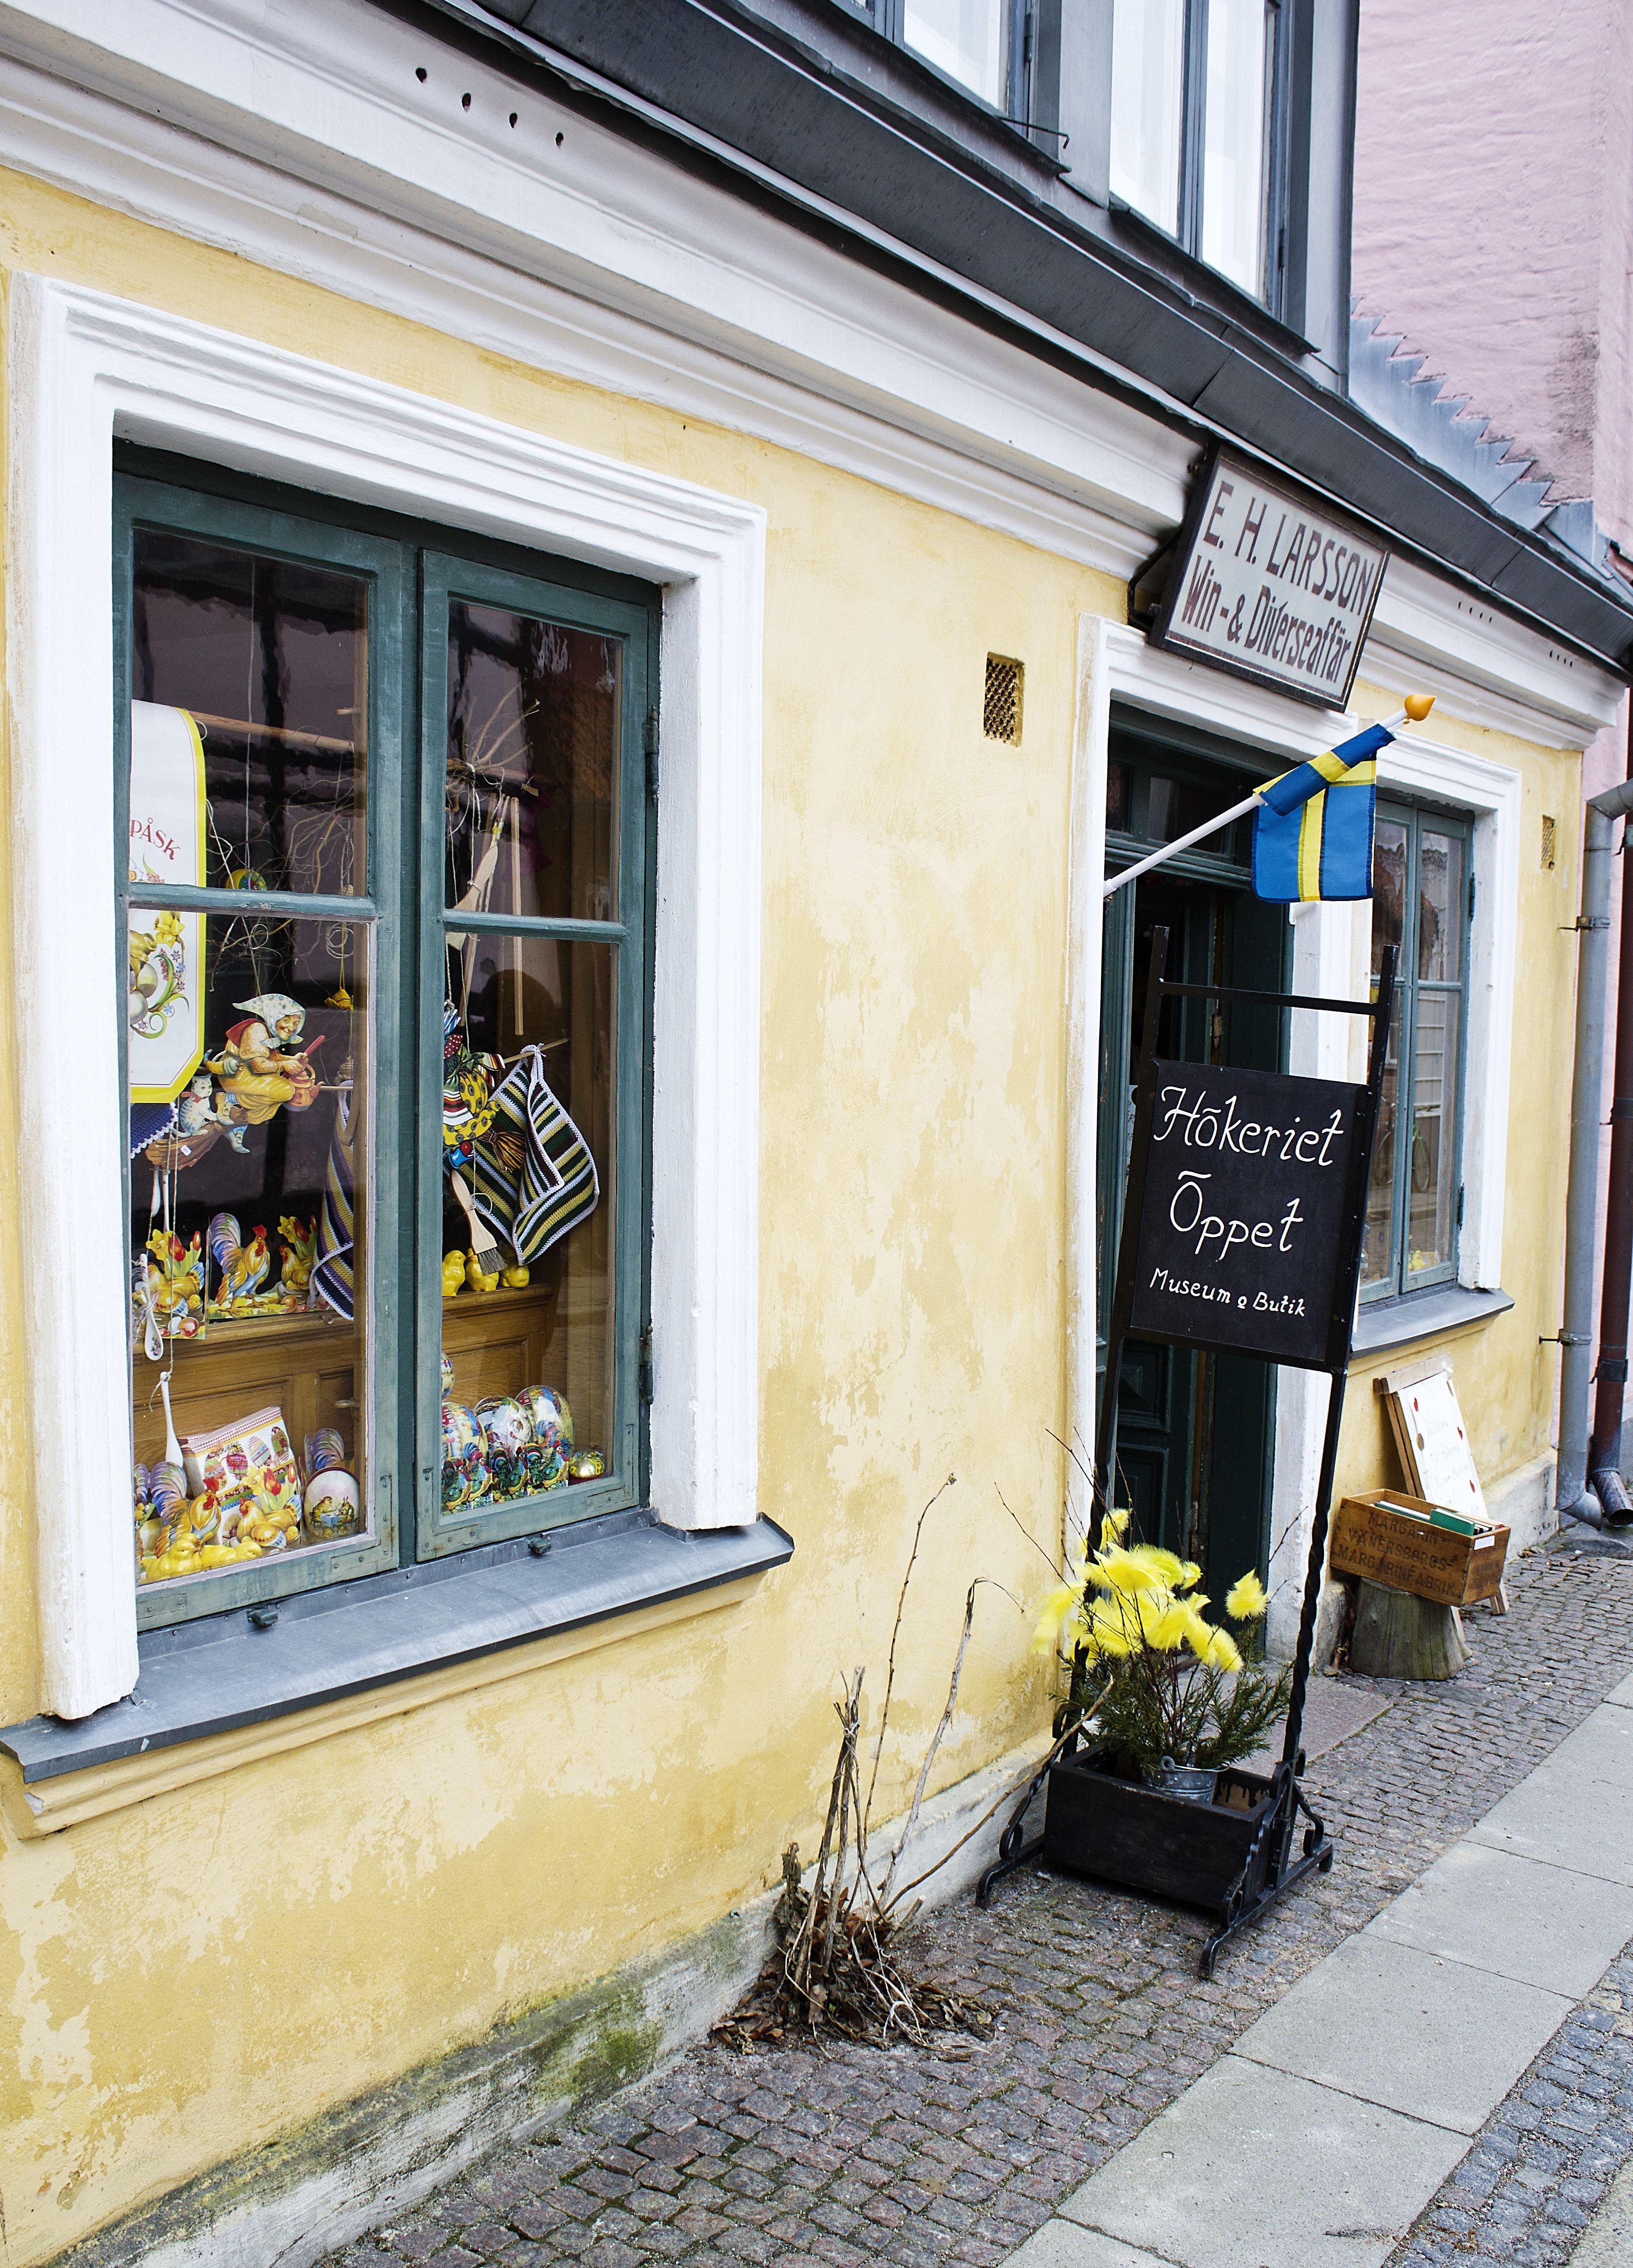 © Leif Johansson, Xrayfoto, Hökeriet